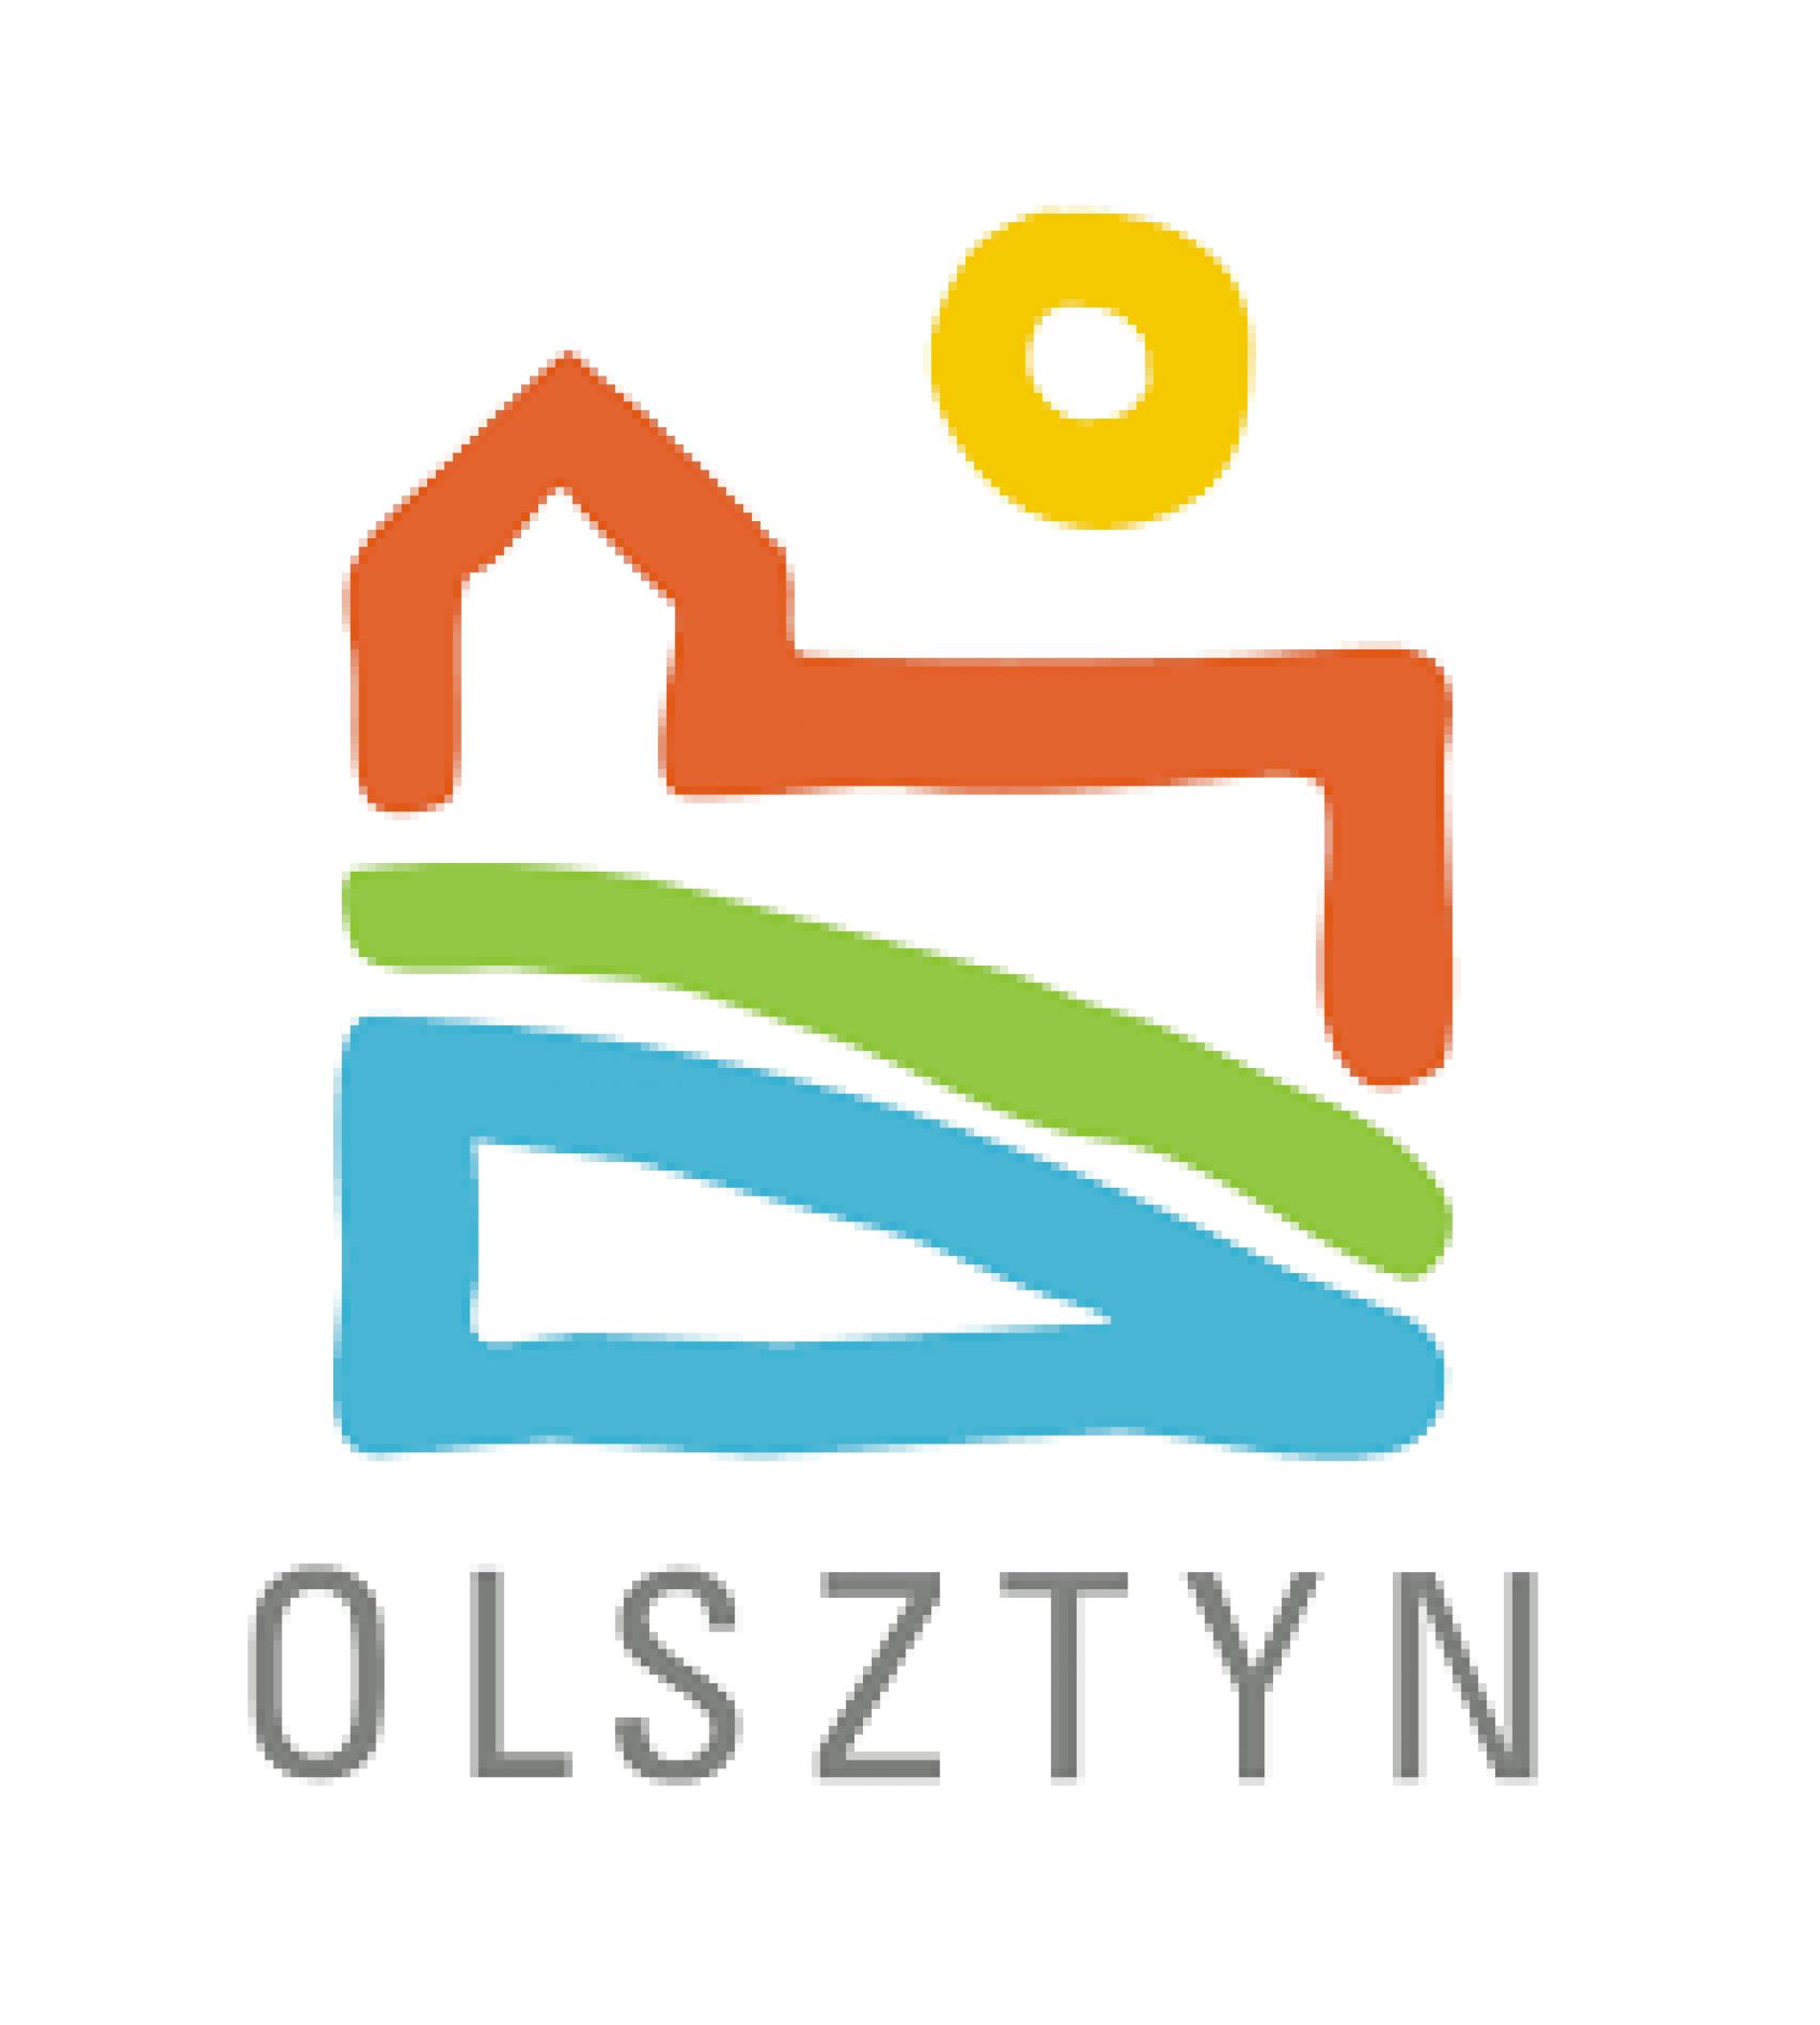 Olsztyński Urząd Miasta wprowadza nowe udogodnienia